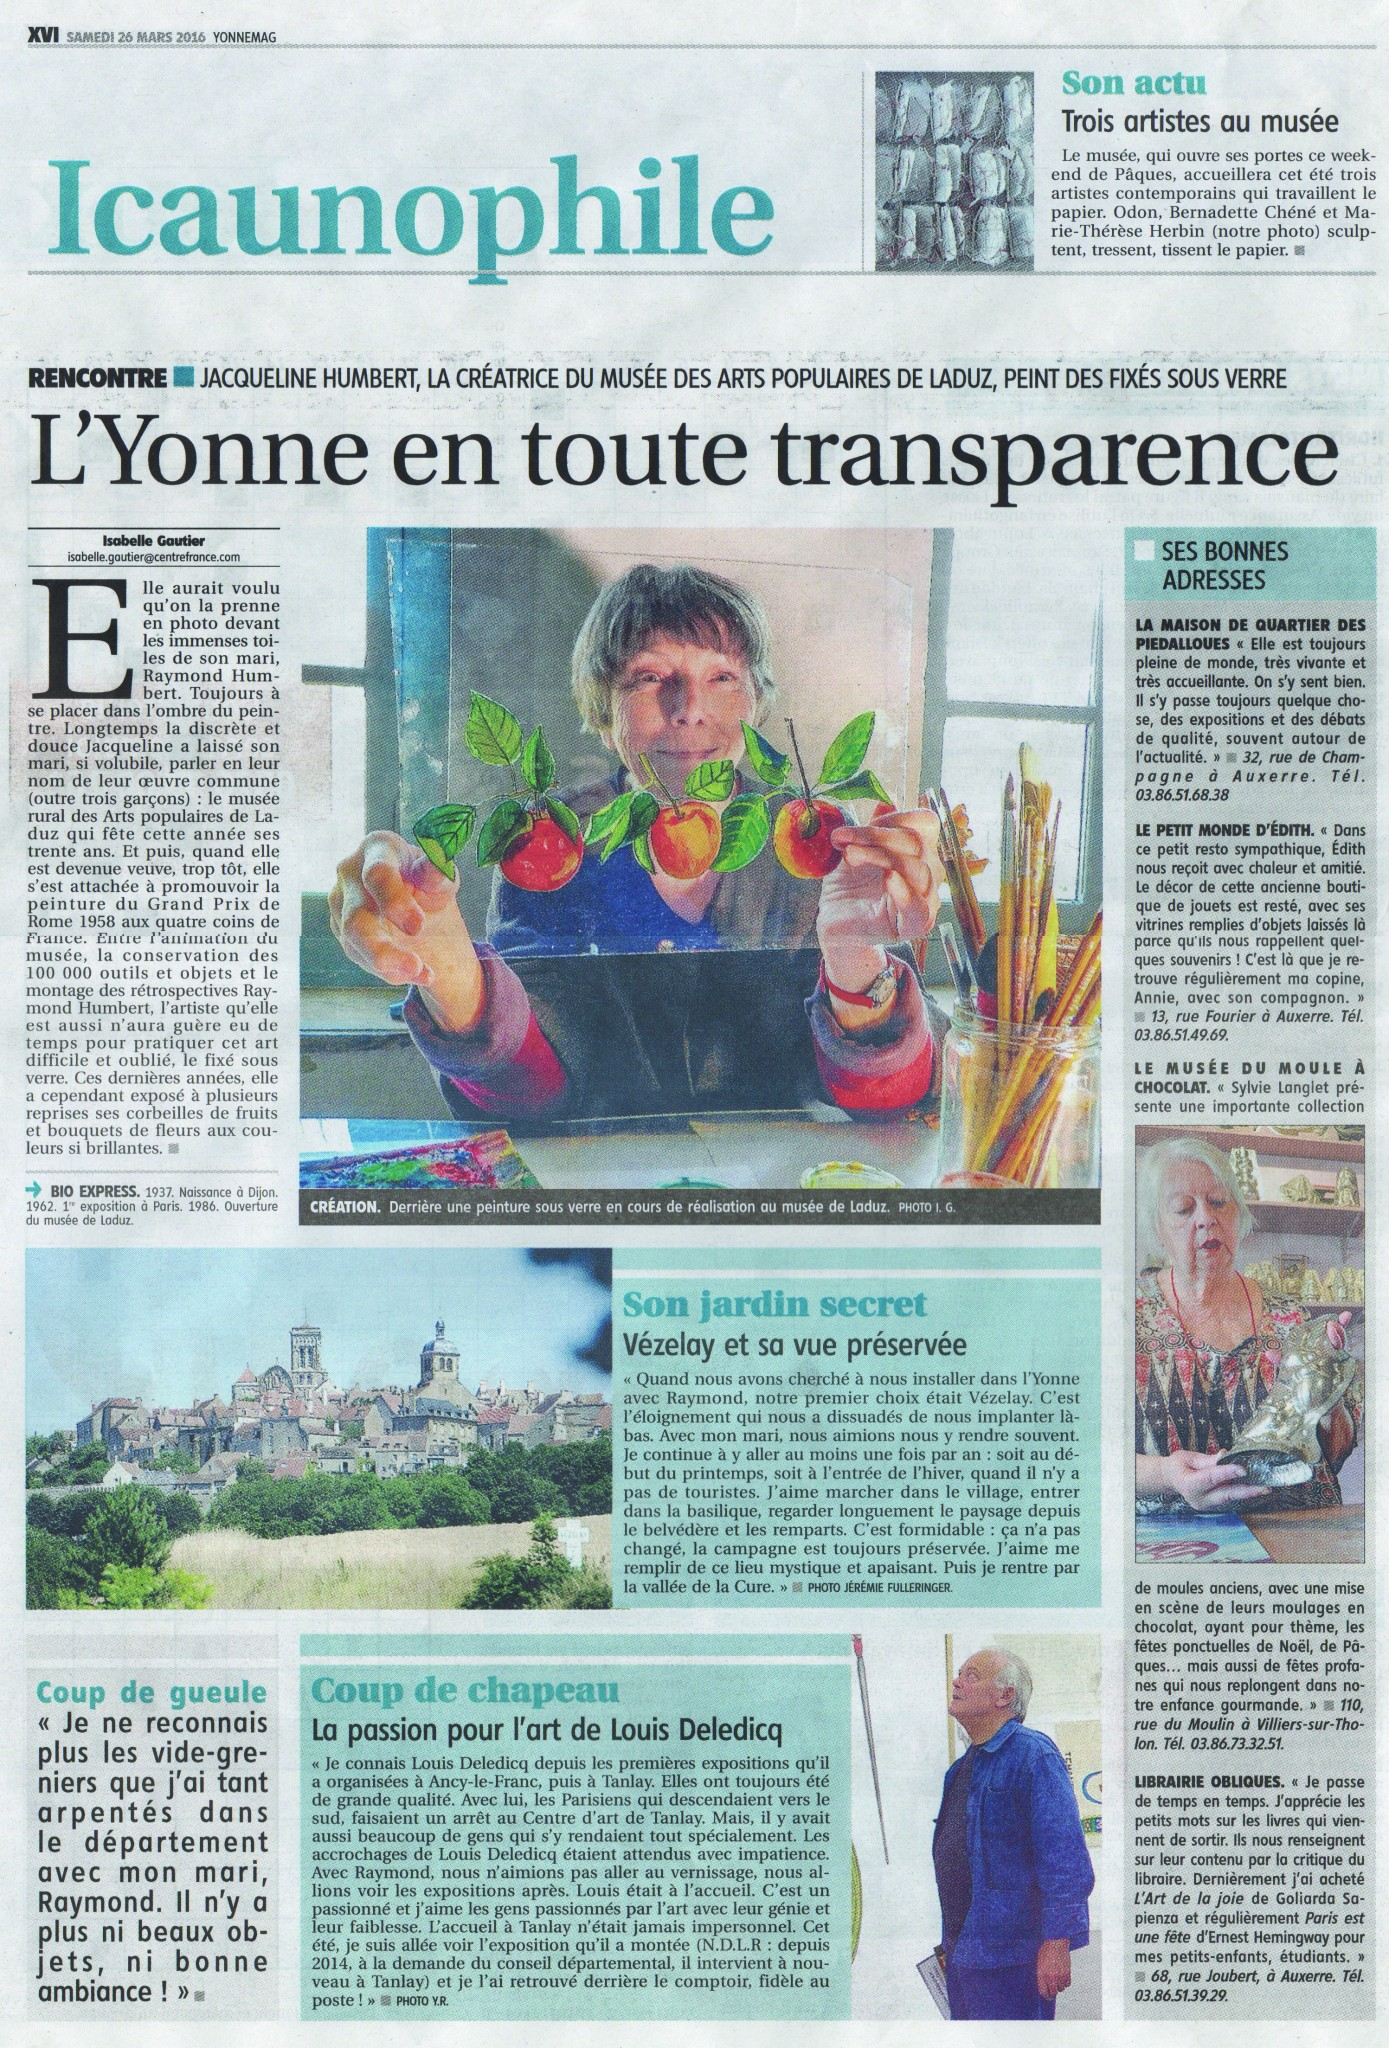 L'Yonne en toute transparence